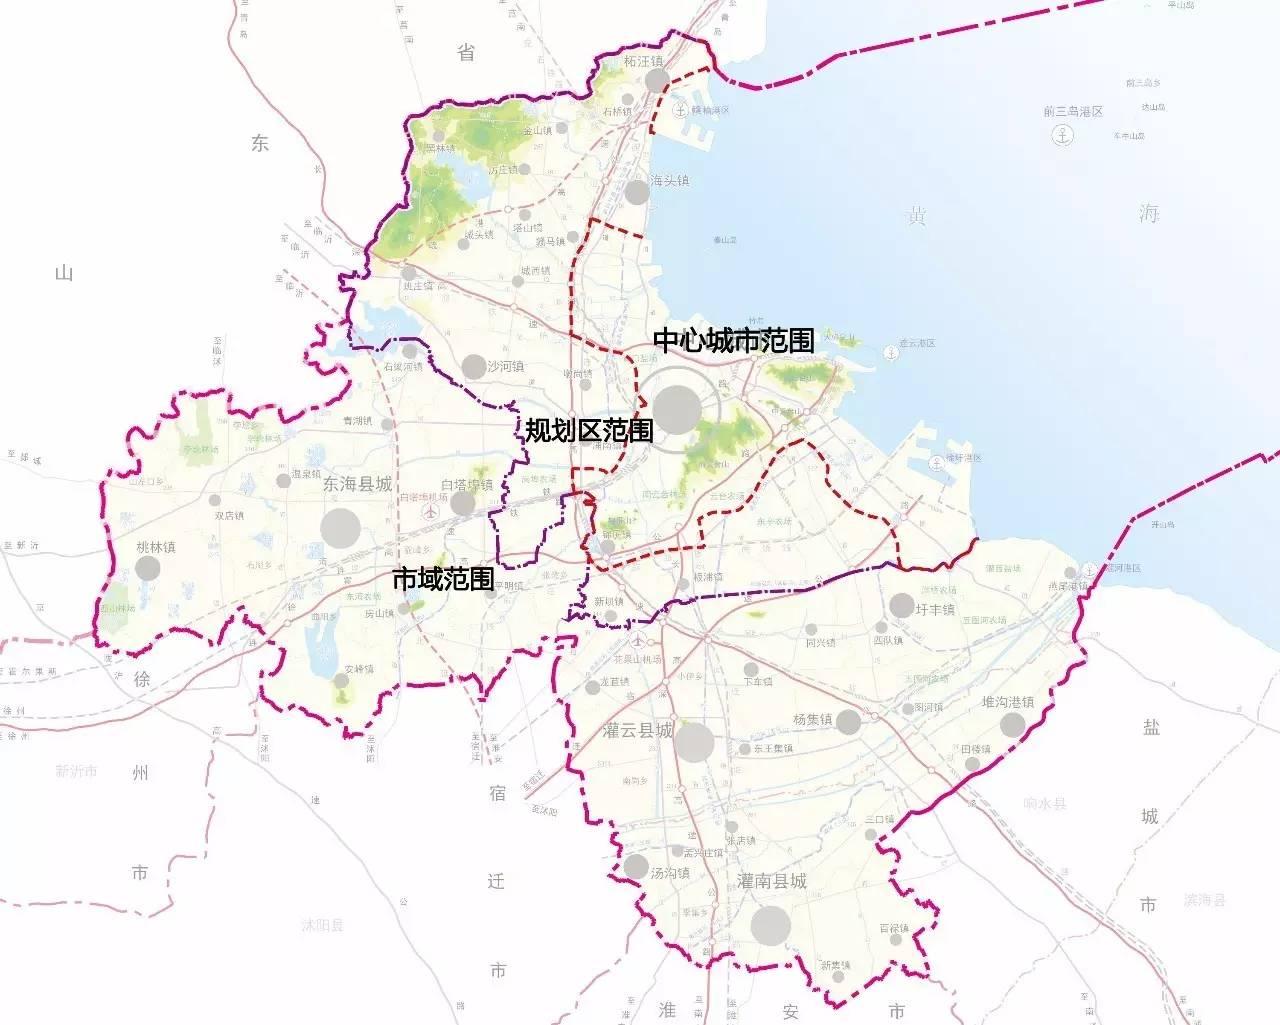 连云港市城市总体规划 草案 批前公示 快来看,与我们的生活息息相关